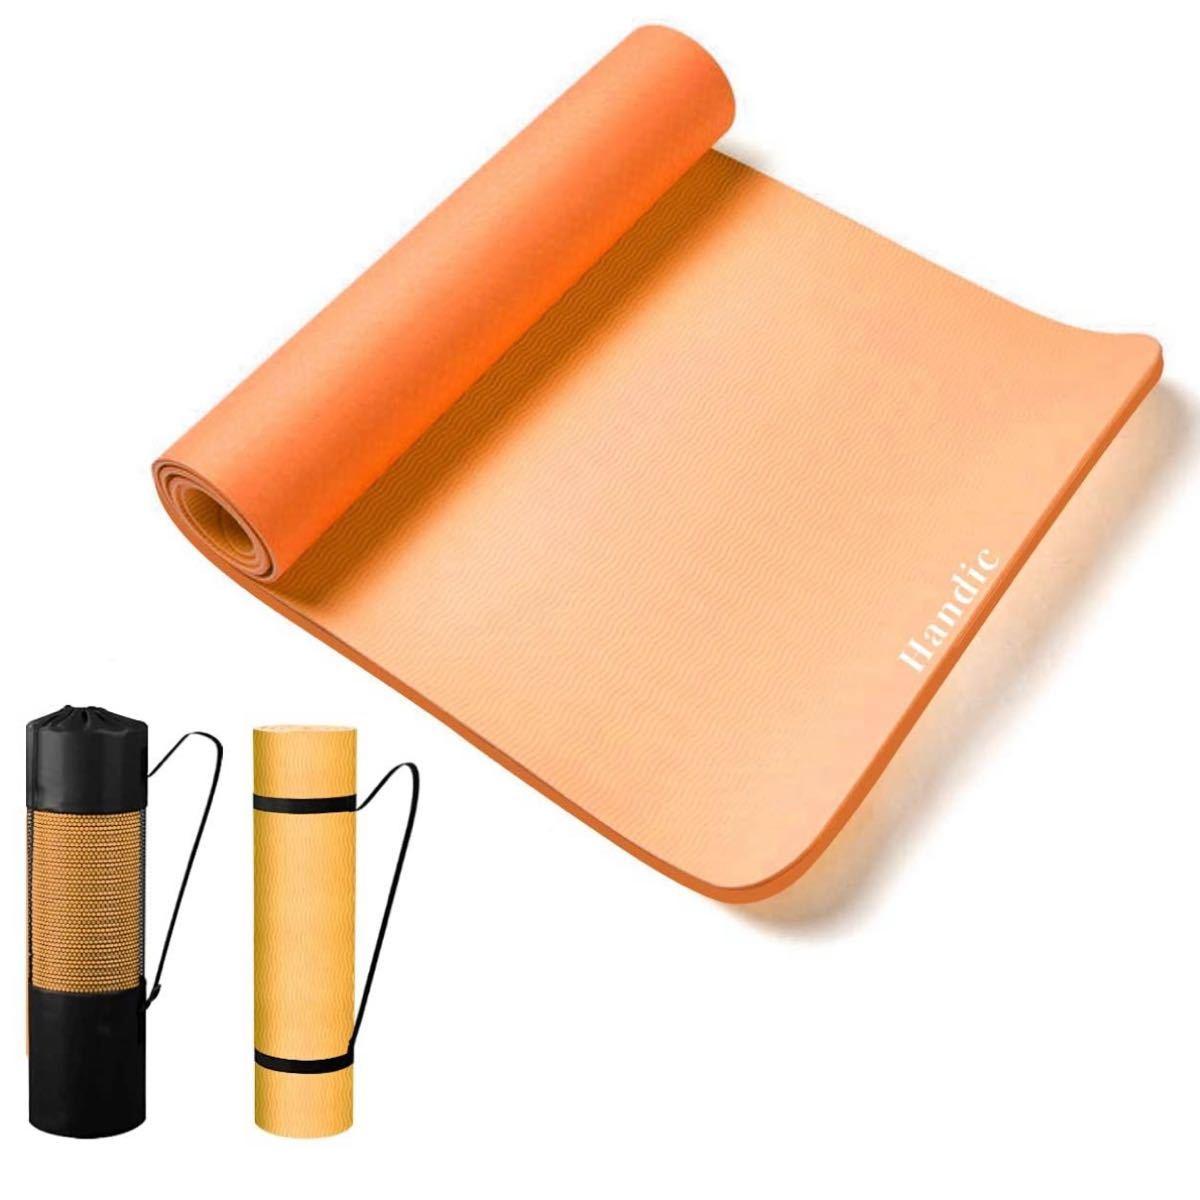 ヨガマット 8mm エクササイズマット オレンジ